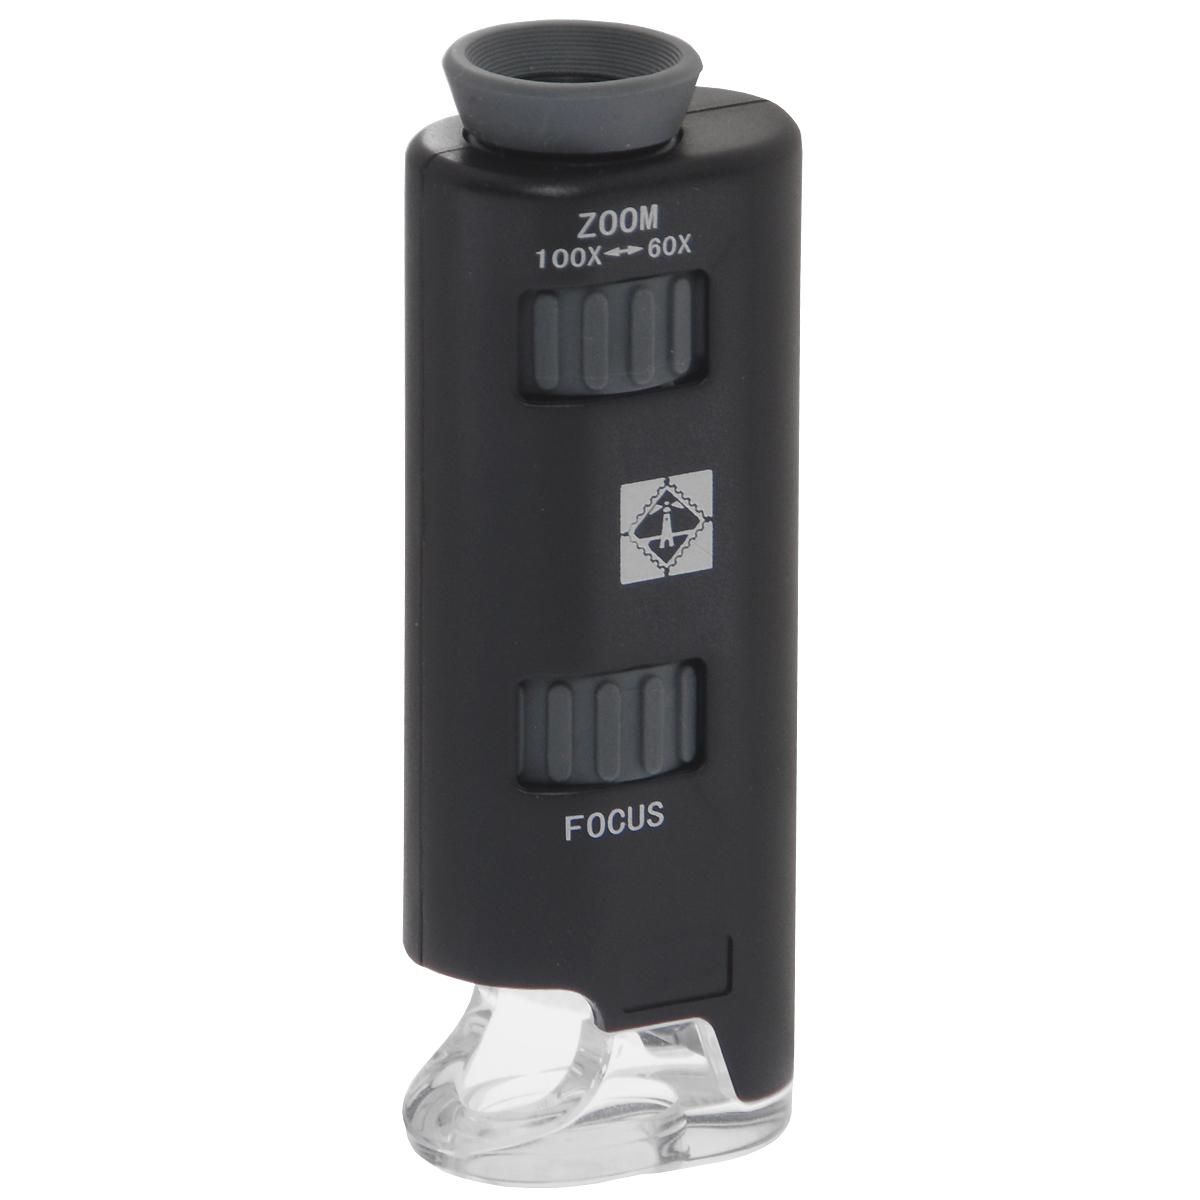 Карманный микроскоп с переменным увеличением и светодиодом. PM 2. LeuchtturmPM 2Удобный карманный микроскоп PM 2. Leuchtturm для занятий, учебы и хобби. Устройство имеет 60-100-кратное увеличение и светодиодную подсветку. В комплект входят батарейки и предметное стекло.